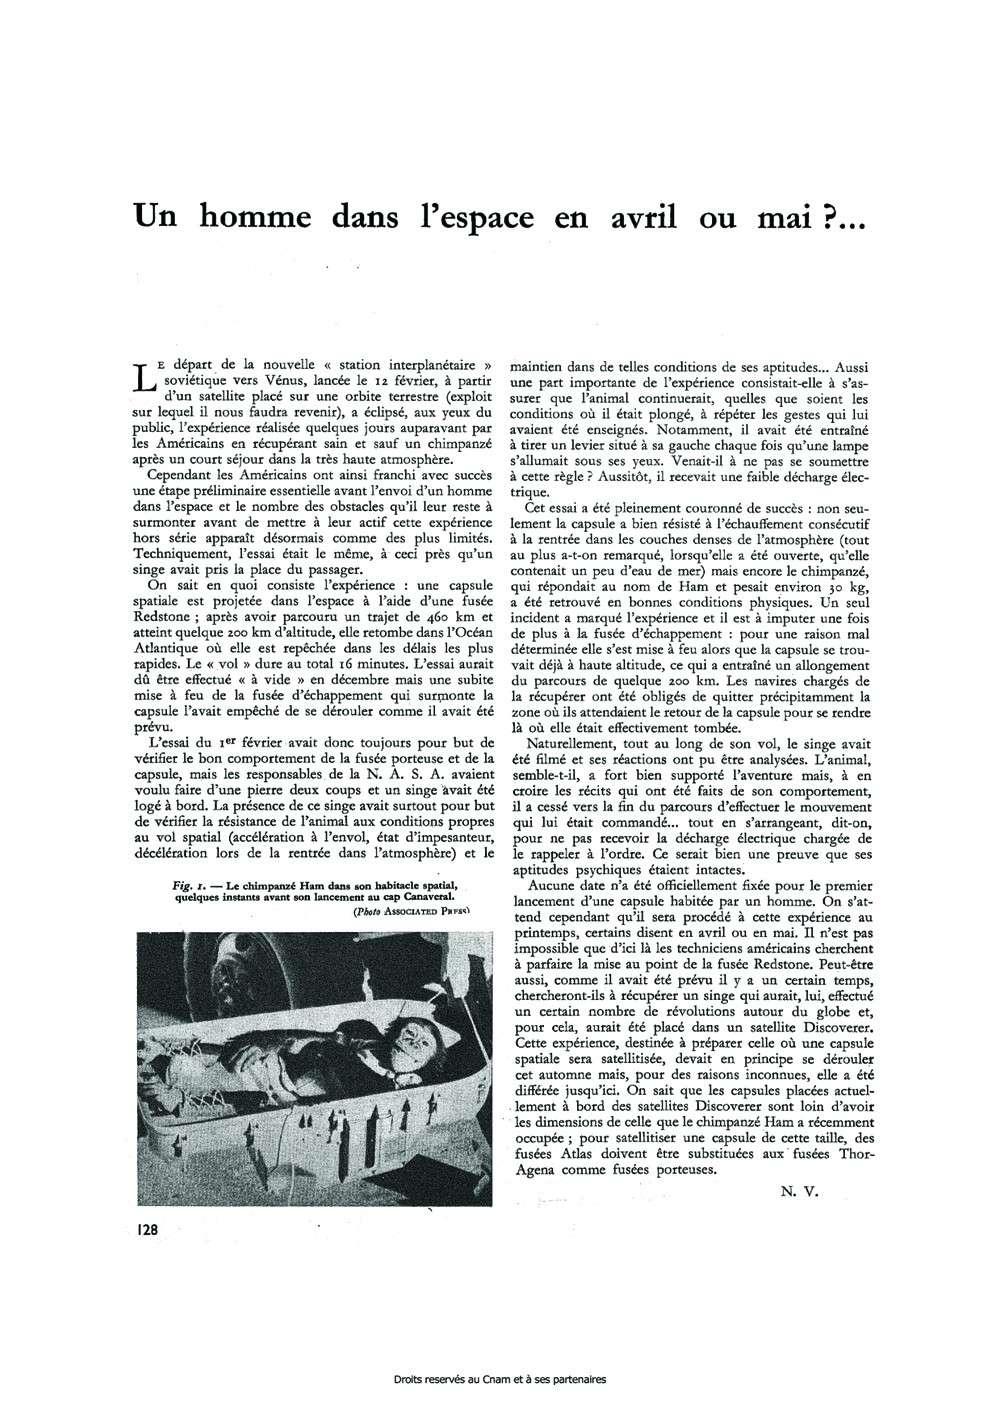 les animaux spatiaux - Page 4 Ham_cn10